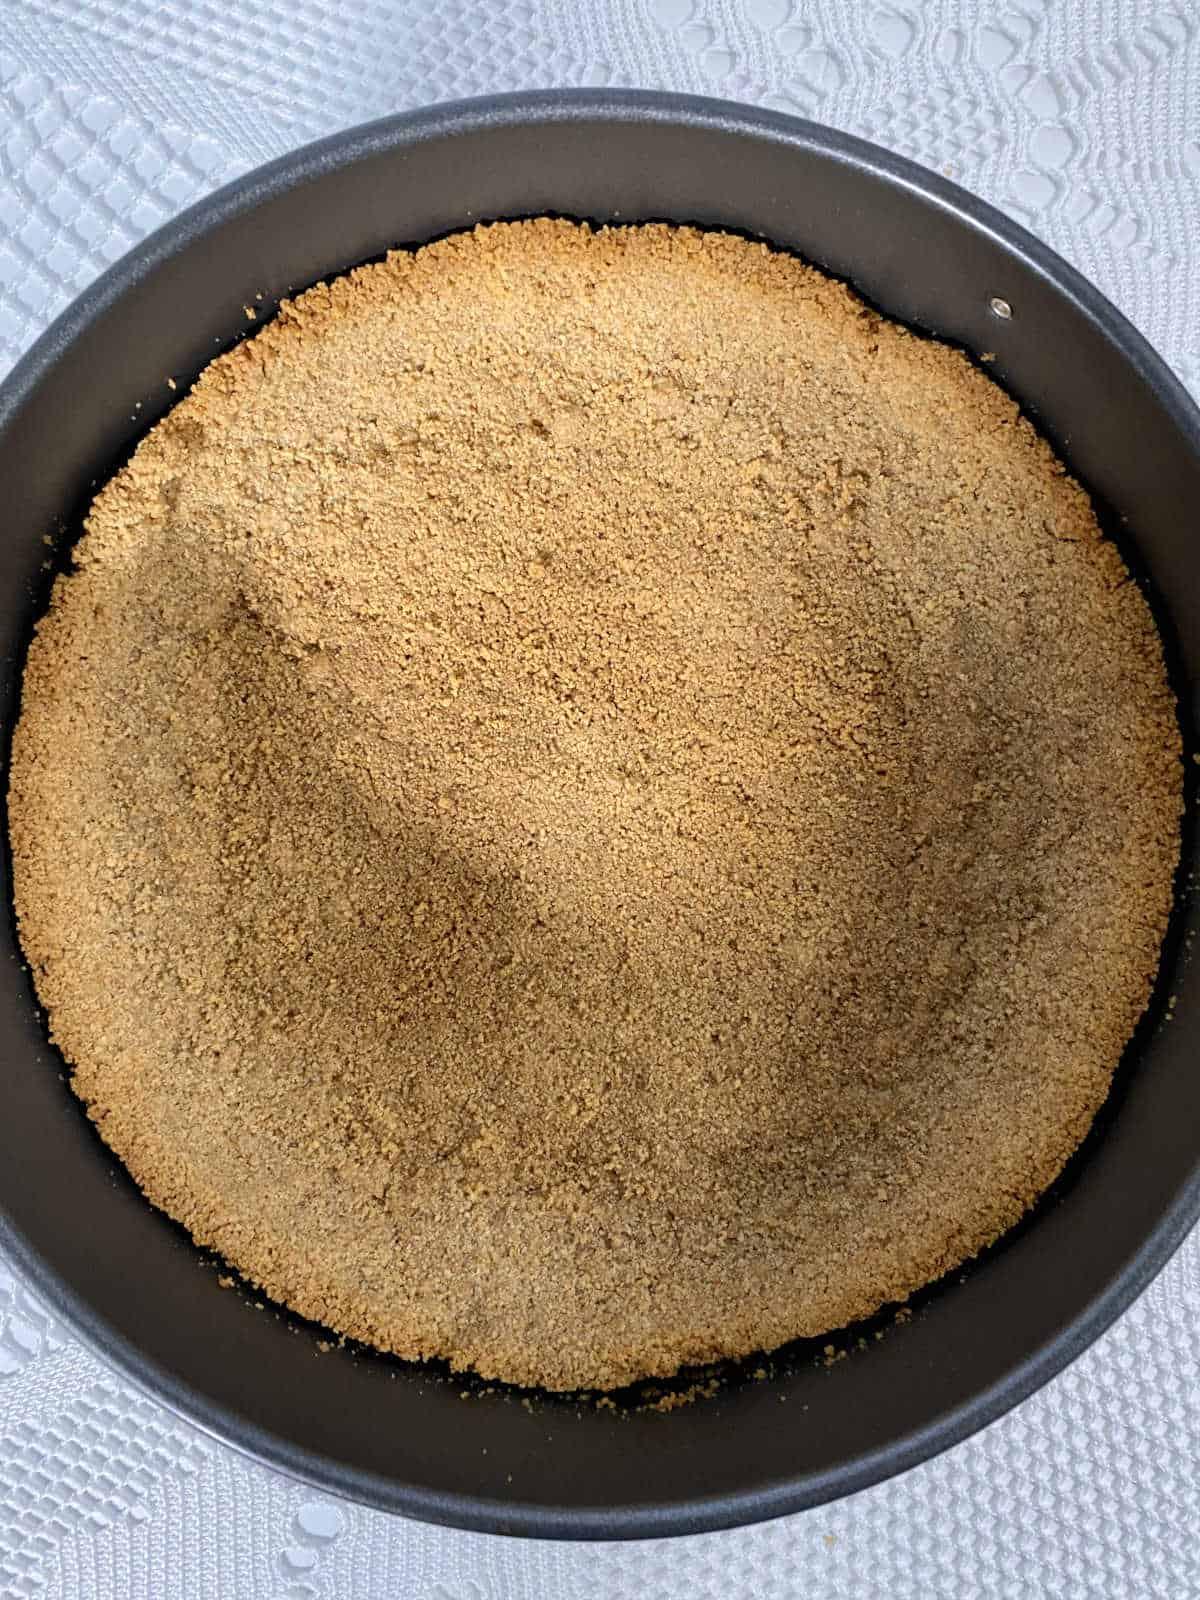 massa de biscoito para torta em uma forma de fundo removível, pré-assada